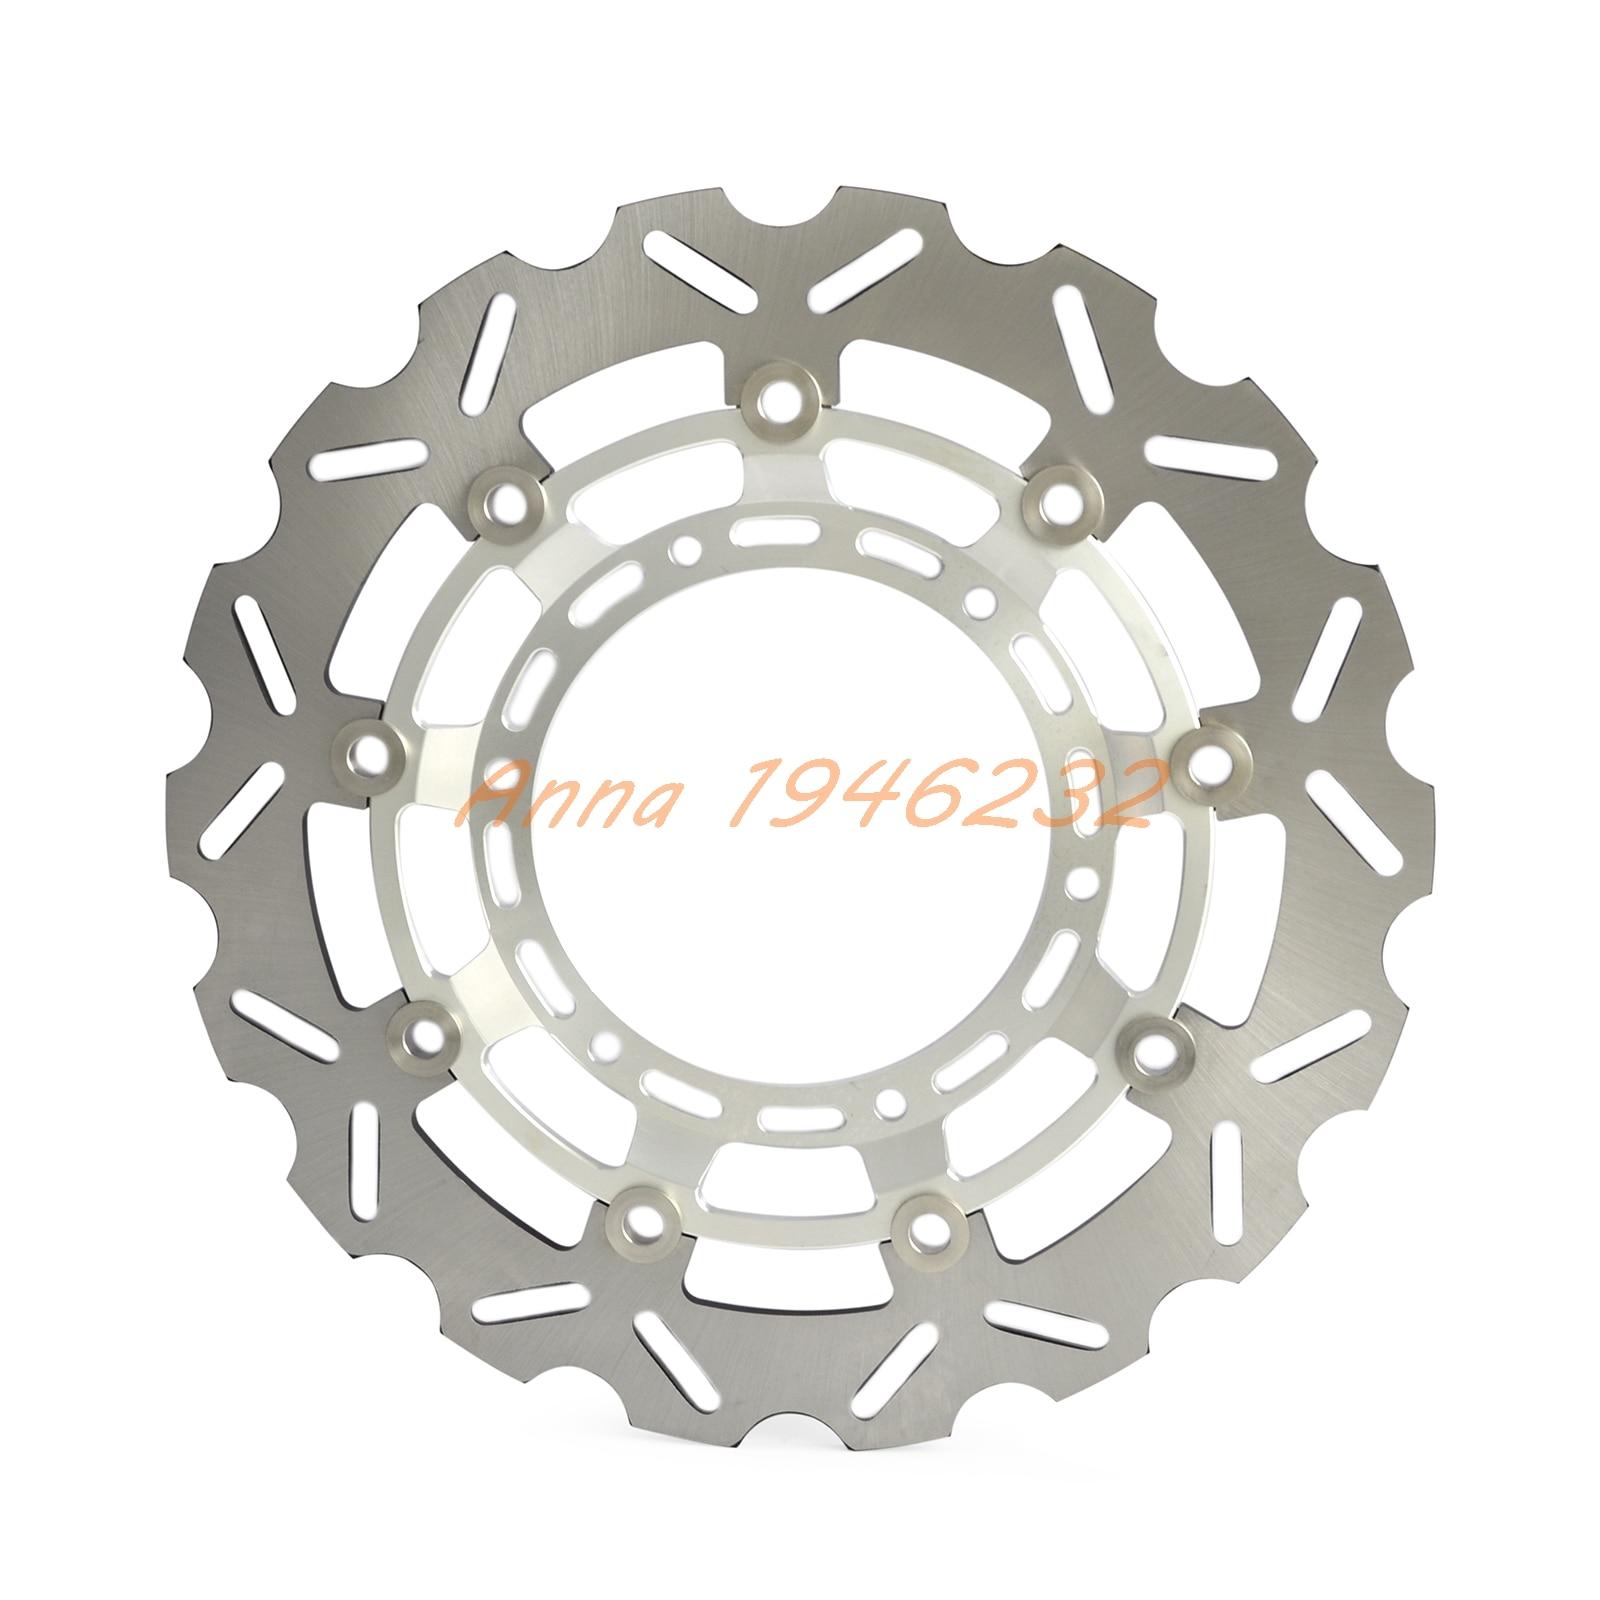 New Motorcycle Front  Brake Disc Rotor For YAMAHA XT660X 04 05 06 07 08 2009 2010 2011 2012 2013 2014 2015 2016 Supermoto vazhnyj kommentarij igorya ivanovicha strelkova 05 08 2014